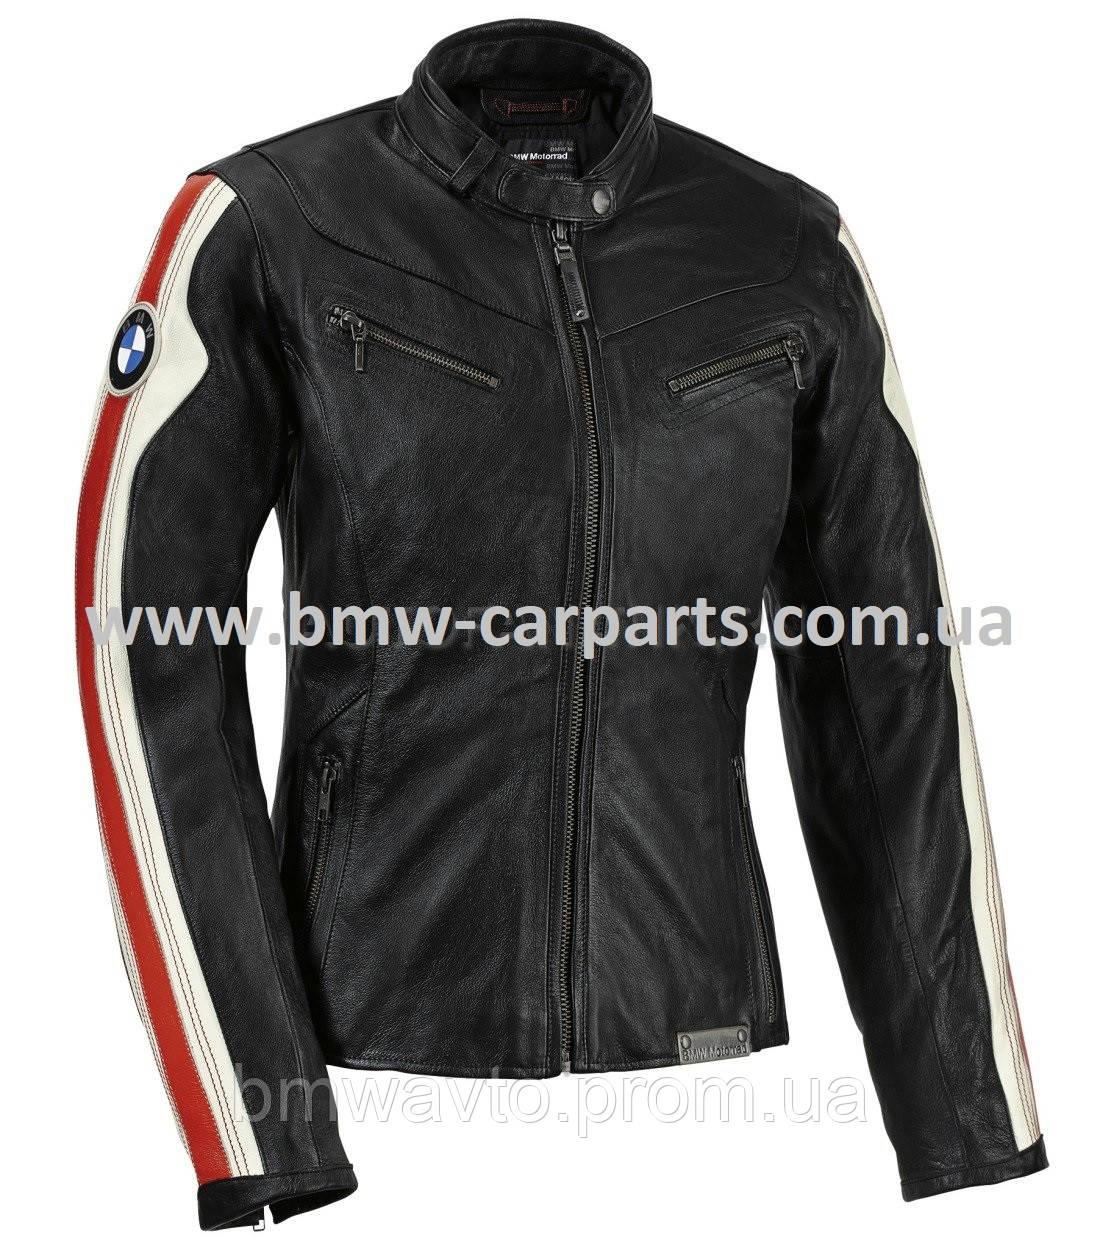 Женская кожаная мотокуртка BMW Motorrad Club Leather Jacket